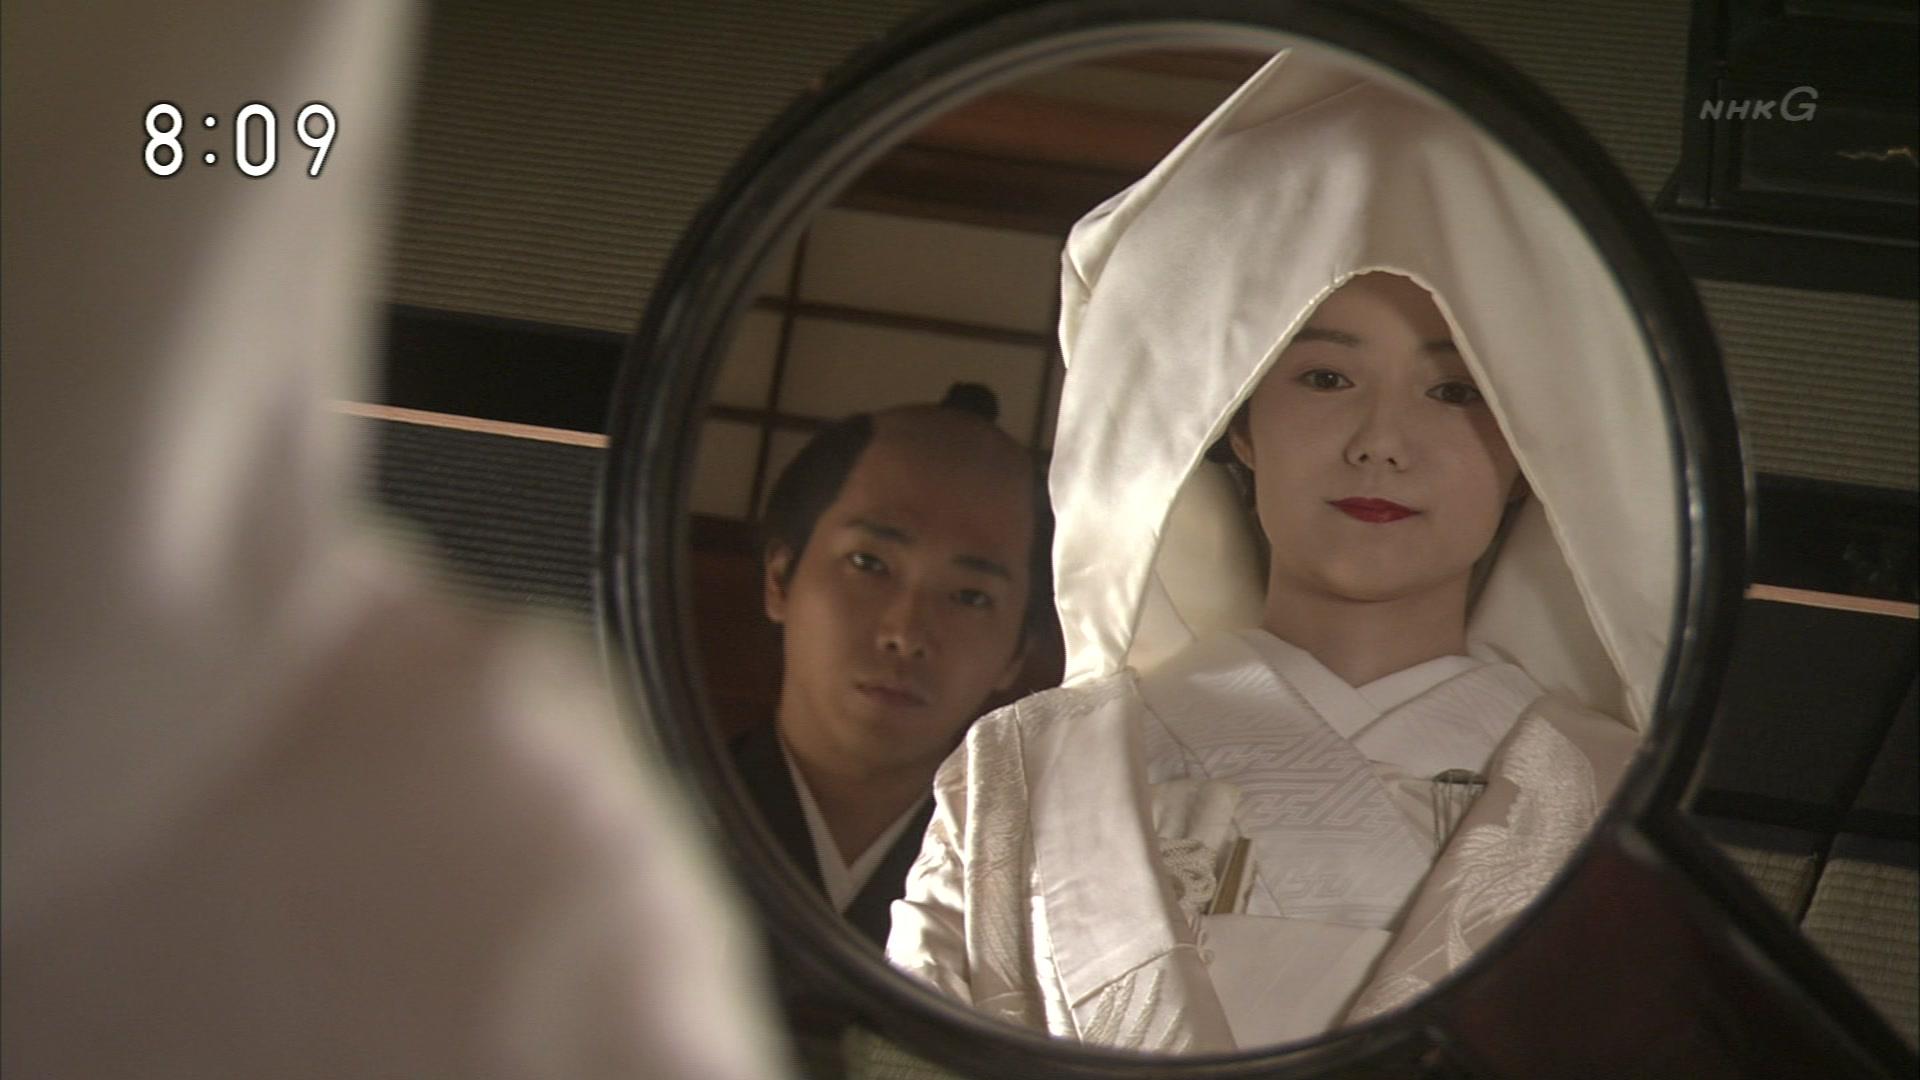 2015-10-10 08:00 連続テレビ小説 あさが来た(12)「ふたつの花びら」 1816